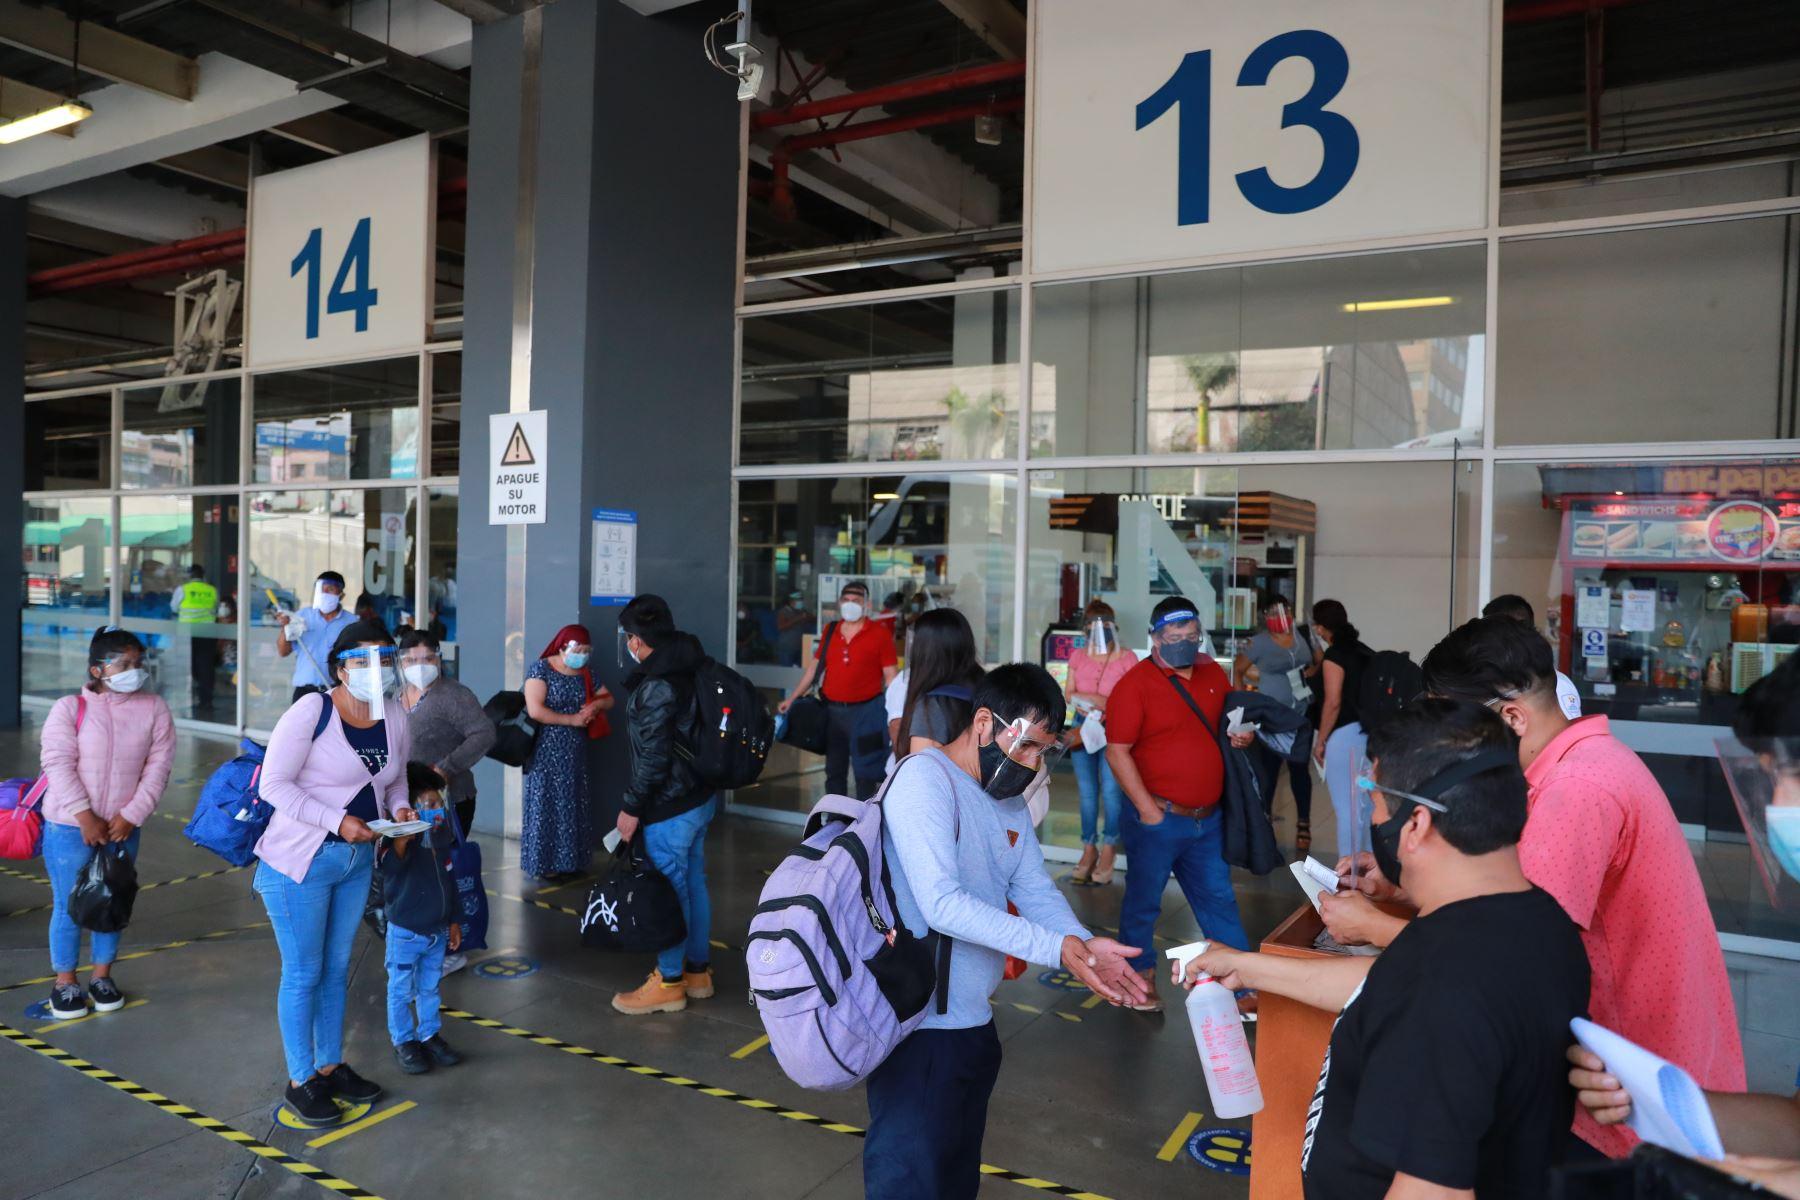 mtc-verifica-medidas-sanitarias-en-terminal-interprovincial-plaza-norte-fotos